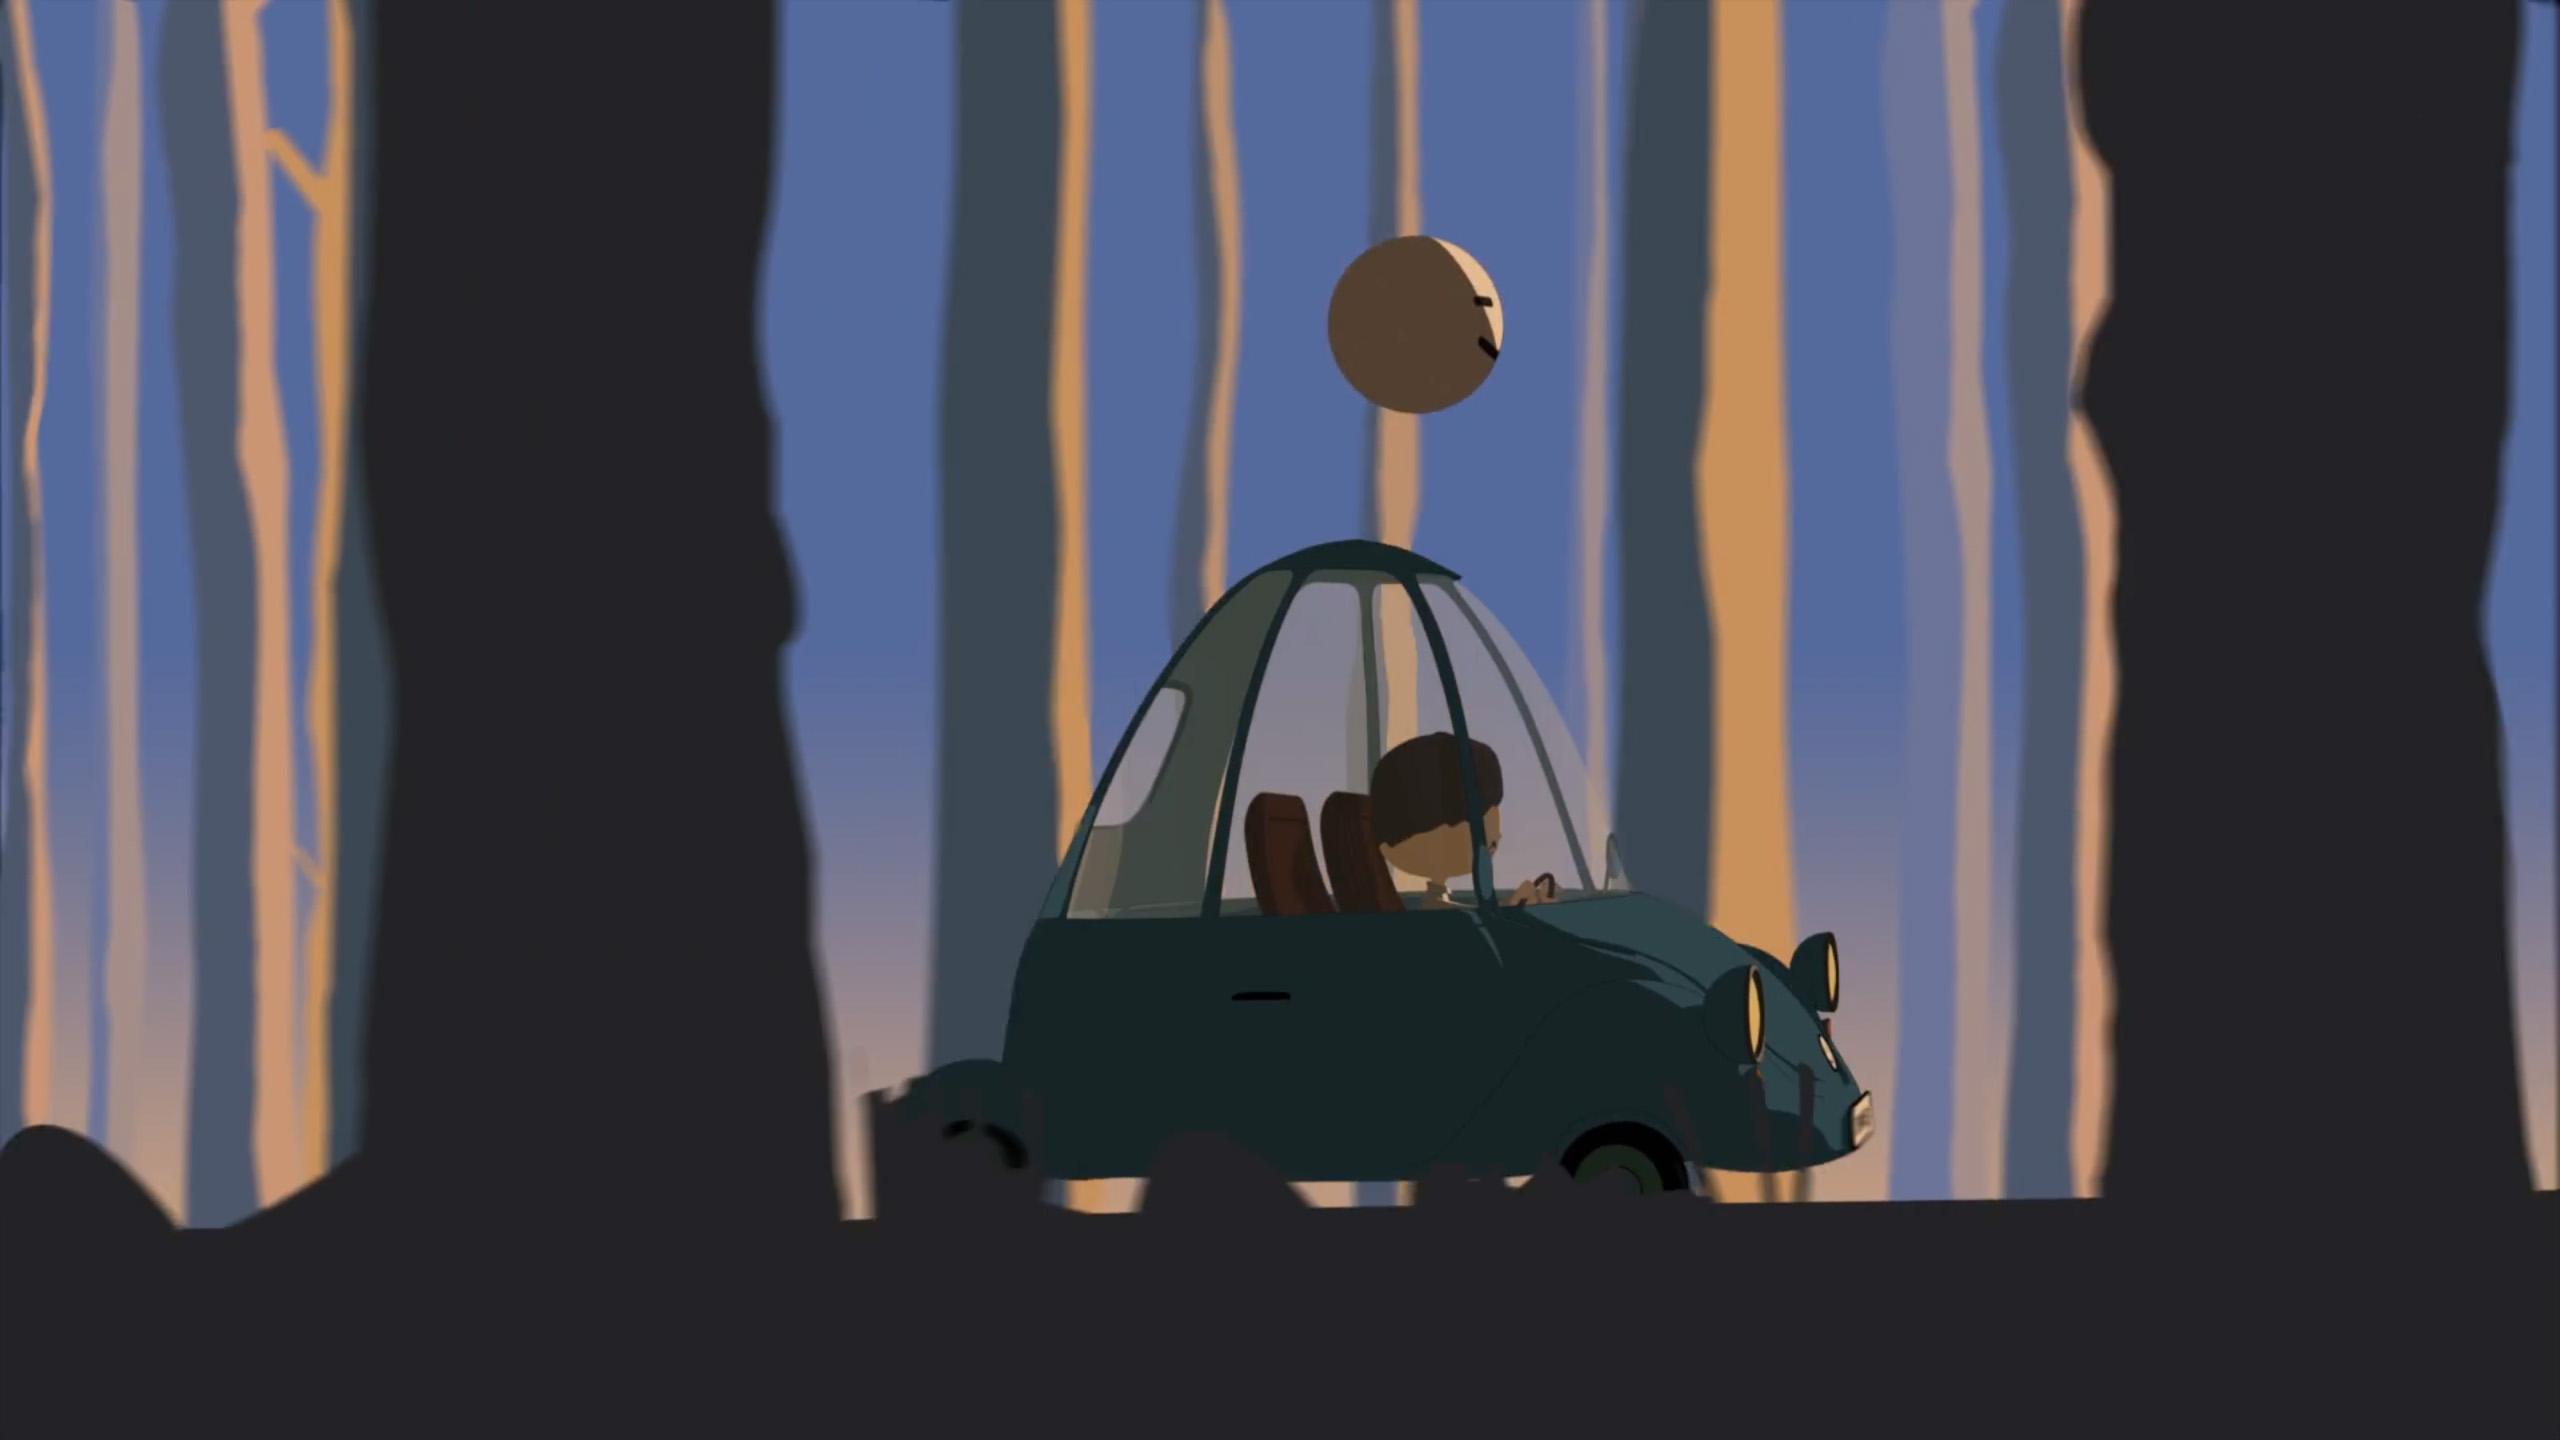 coche bosque copia